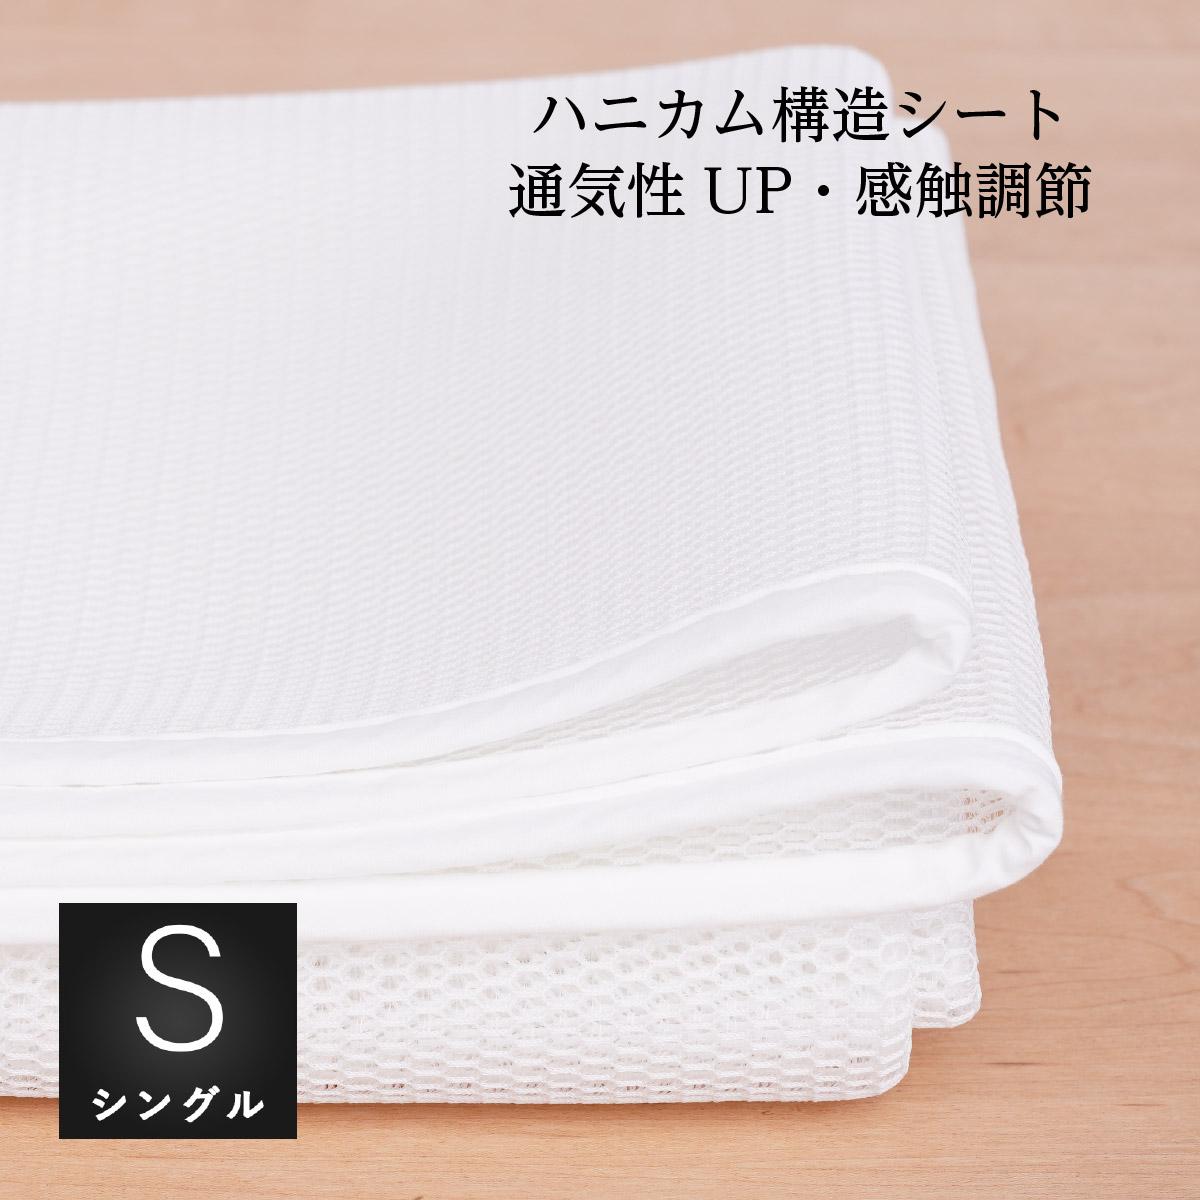 プラス1でより良い睡眠環境をご提案 新作製品 世界最高品質人気 セール商品 ハニカムシートシングル用:95×195cm湿気を逃がしてカビの予防にマットレスの硬さ調節にもおすすめ